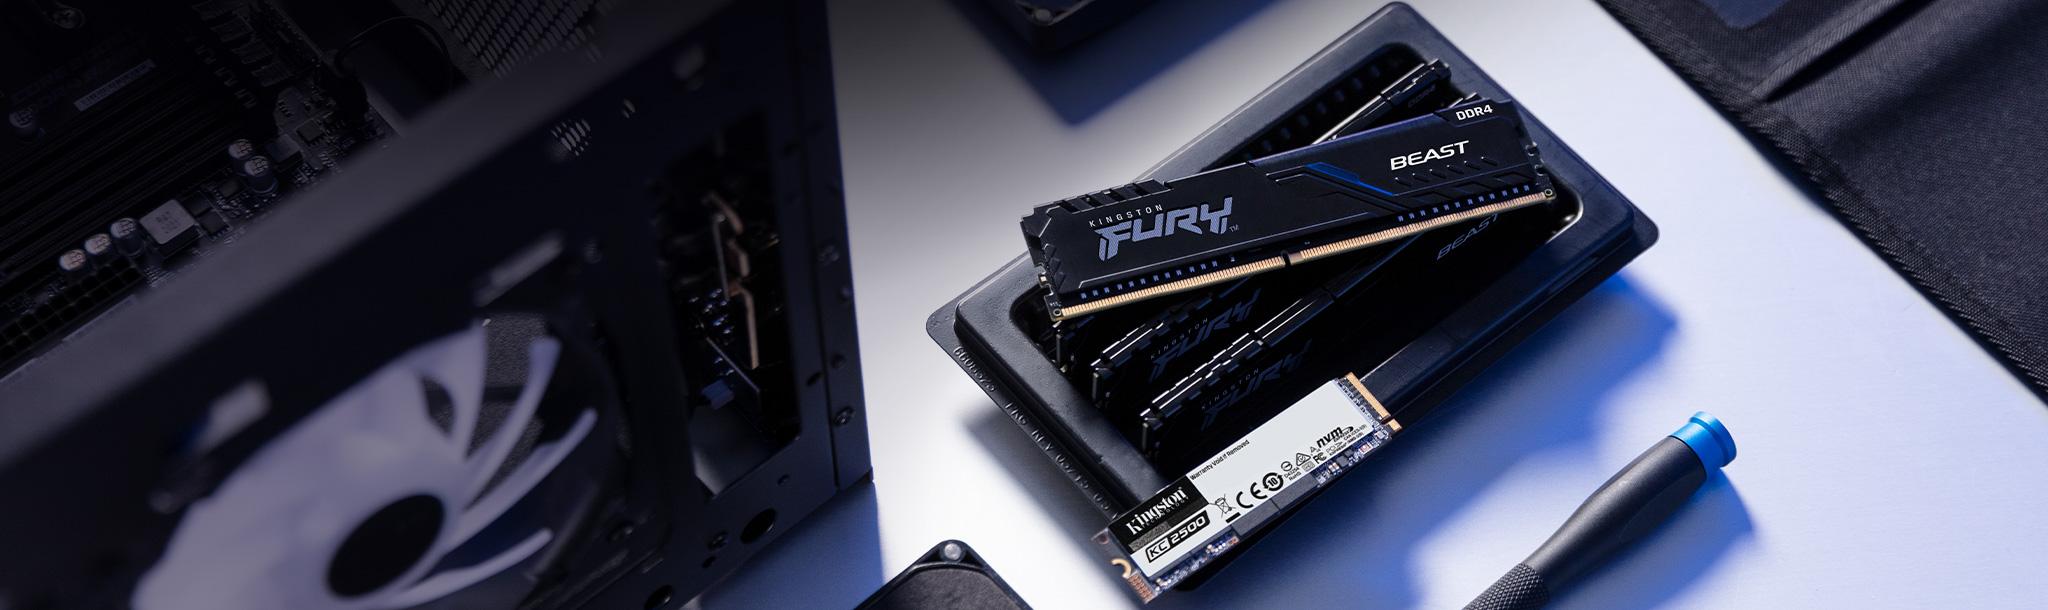 Kingston FURY 메모리 및 SSD를 특징으로 하는 게임용 PC